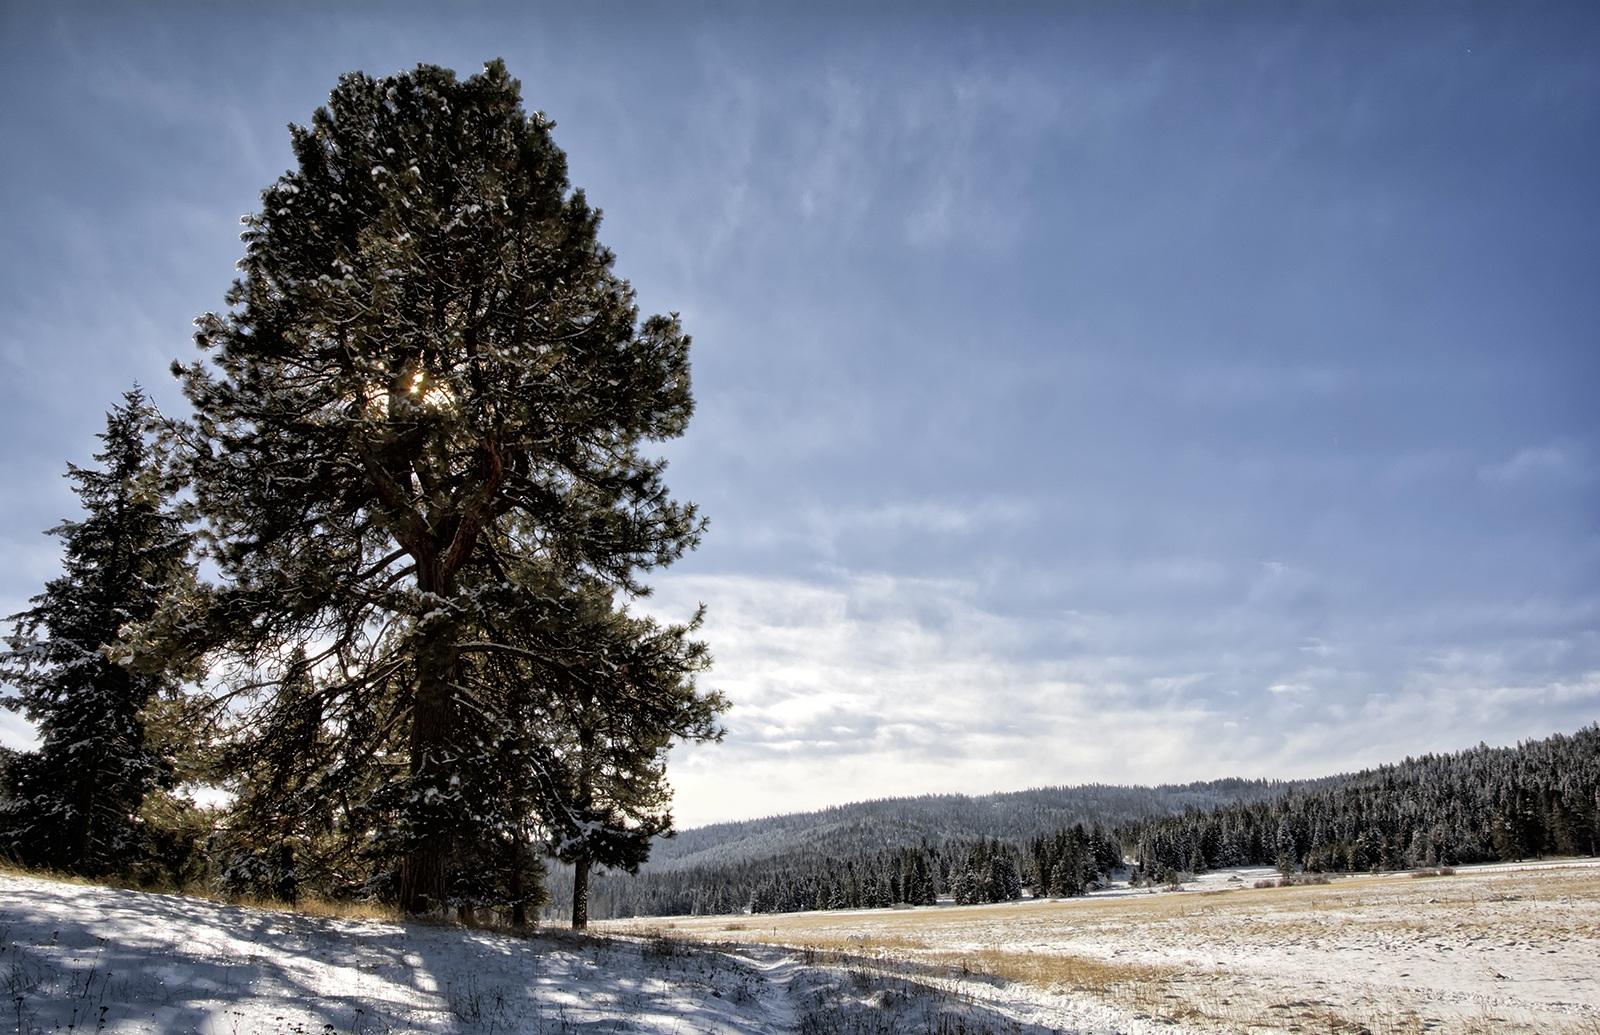 Vesper+Meadow+winter+afternoon+1600_DSC0150.jpg